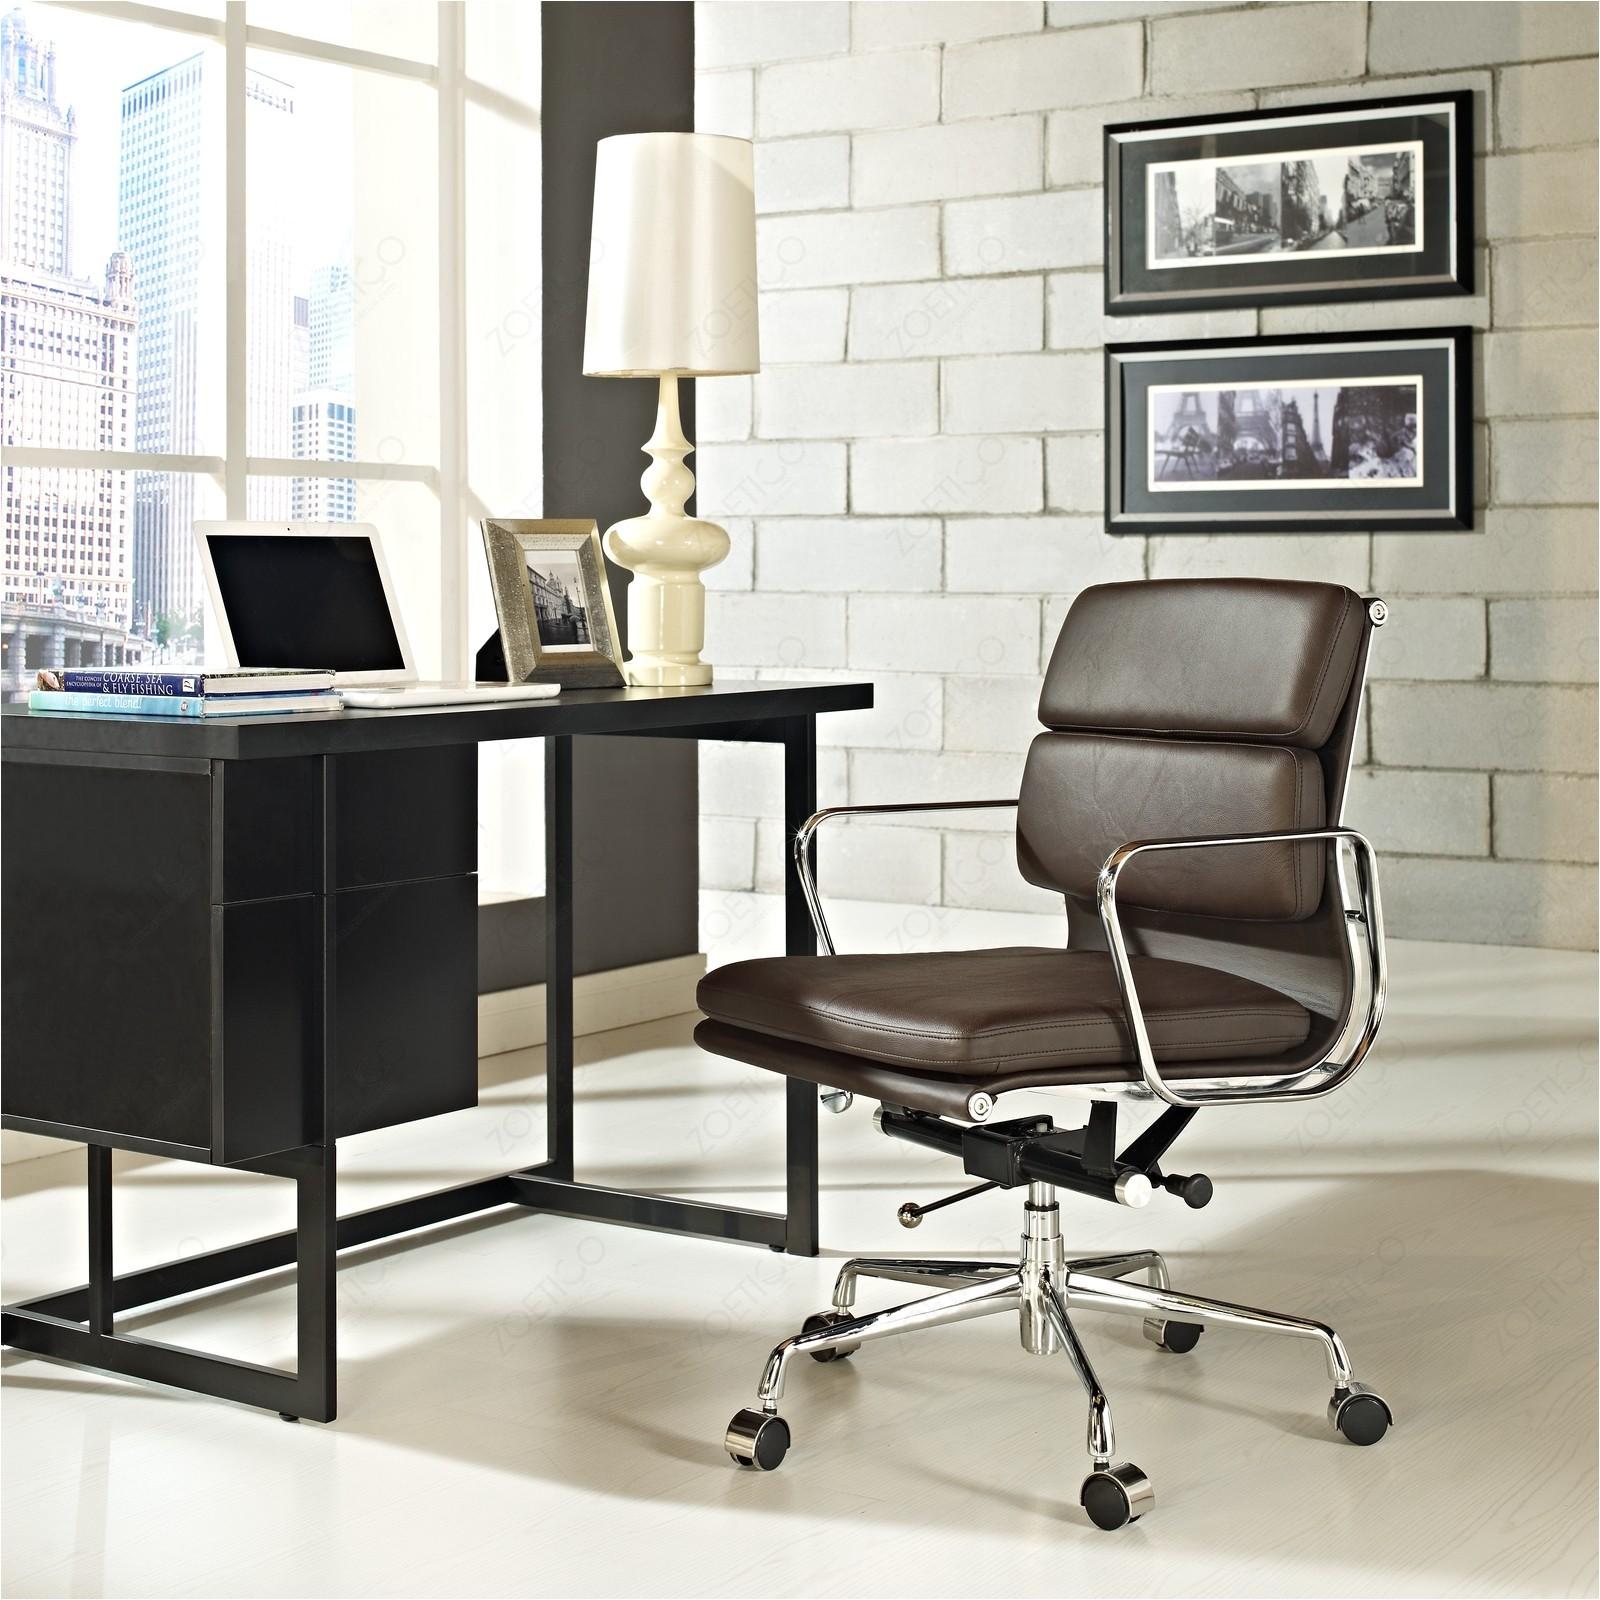 best top office chair under 300